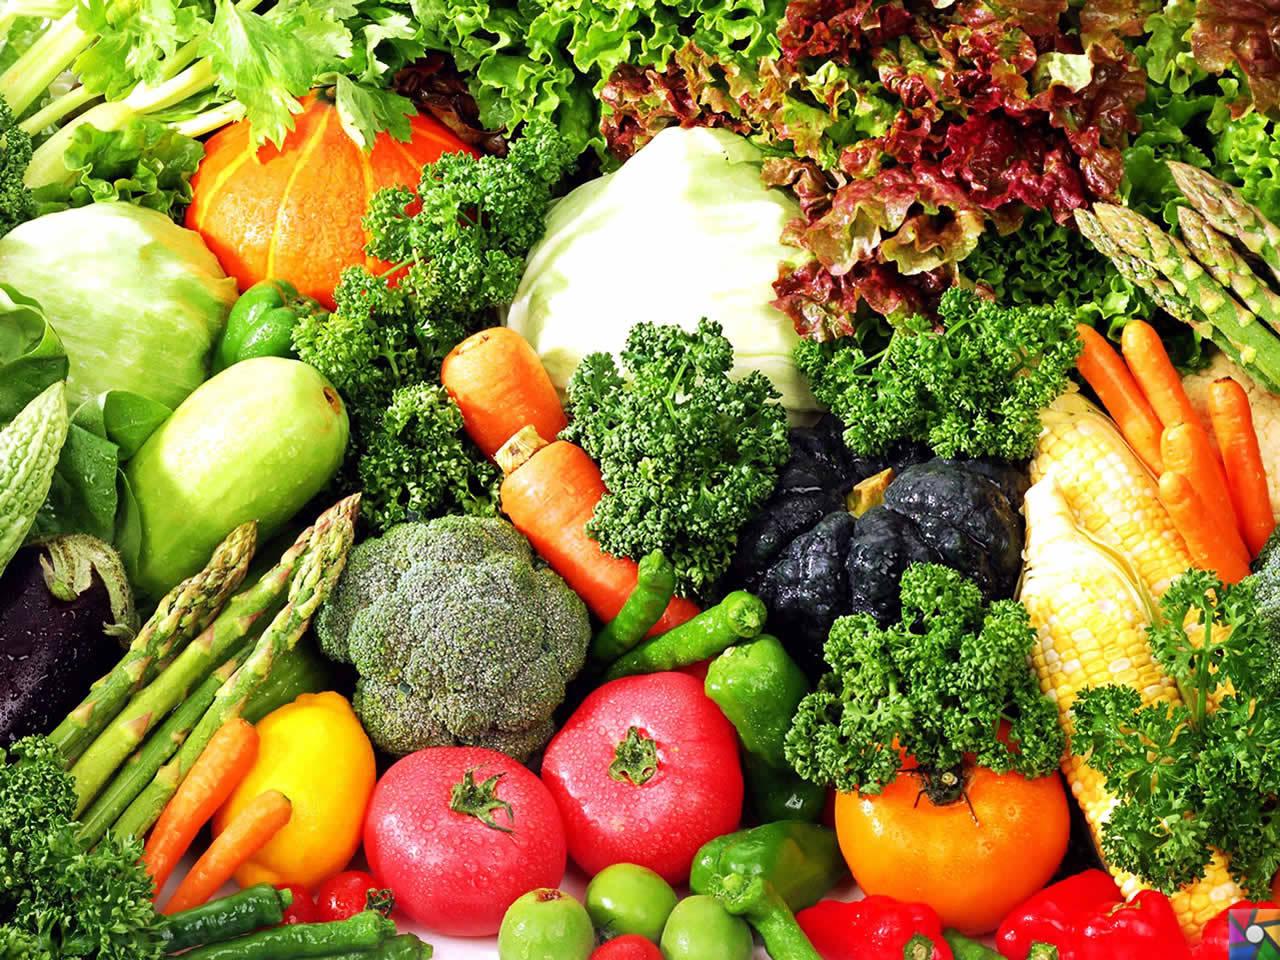 Besin Grupları Nelerdir? Besinlere göre nasıl dengeli beslenmeliyiz? | Taze Sebze ve Meyveler ile her zaman genç kalın